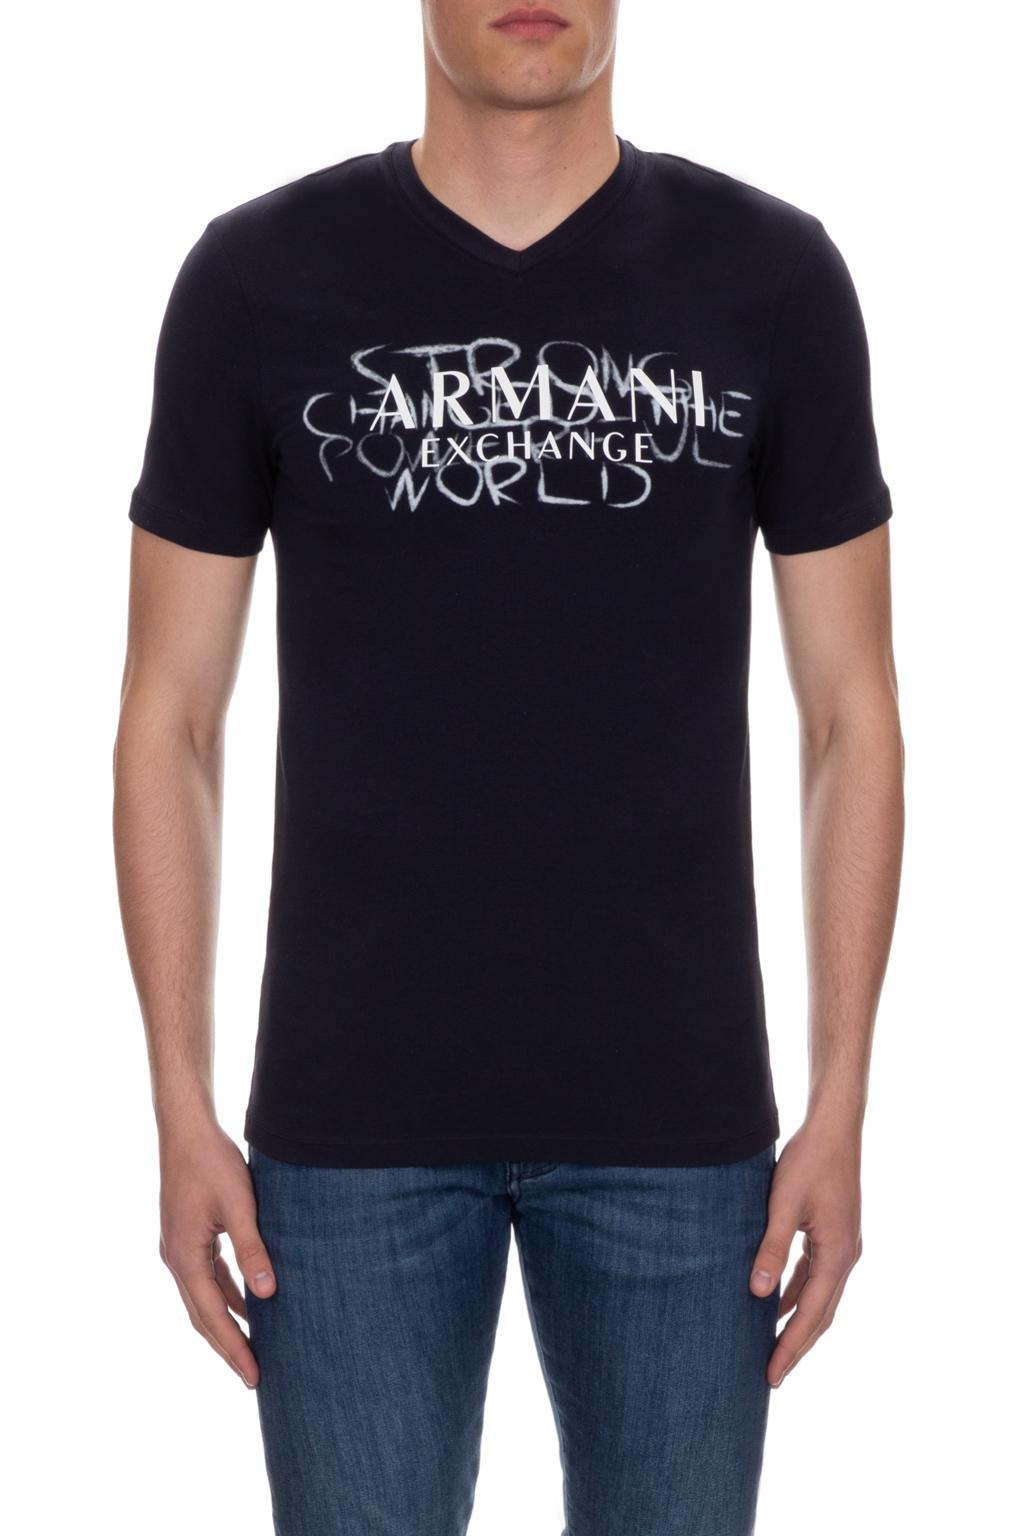 T-shirt manica corta uomo collo v scritte ARMANI EXCHANGE